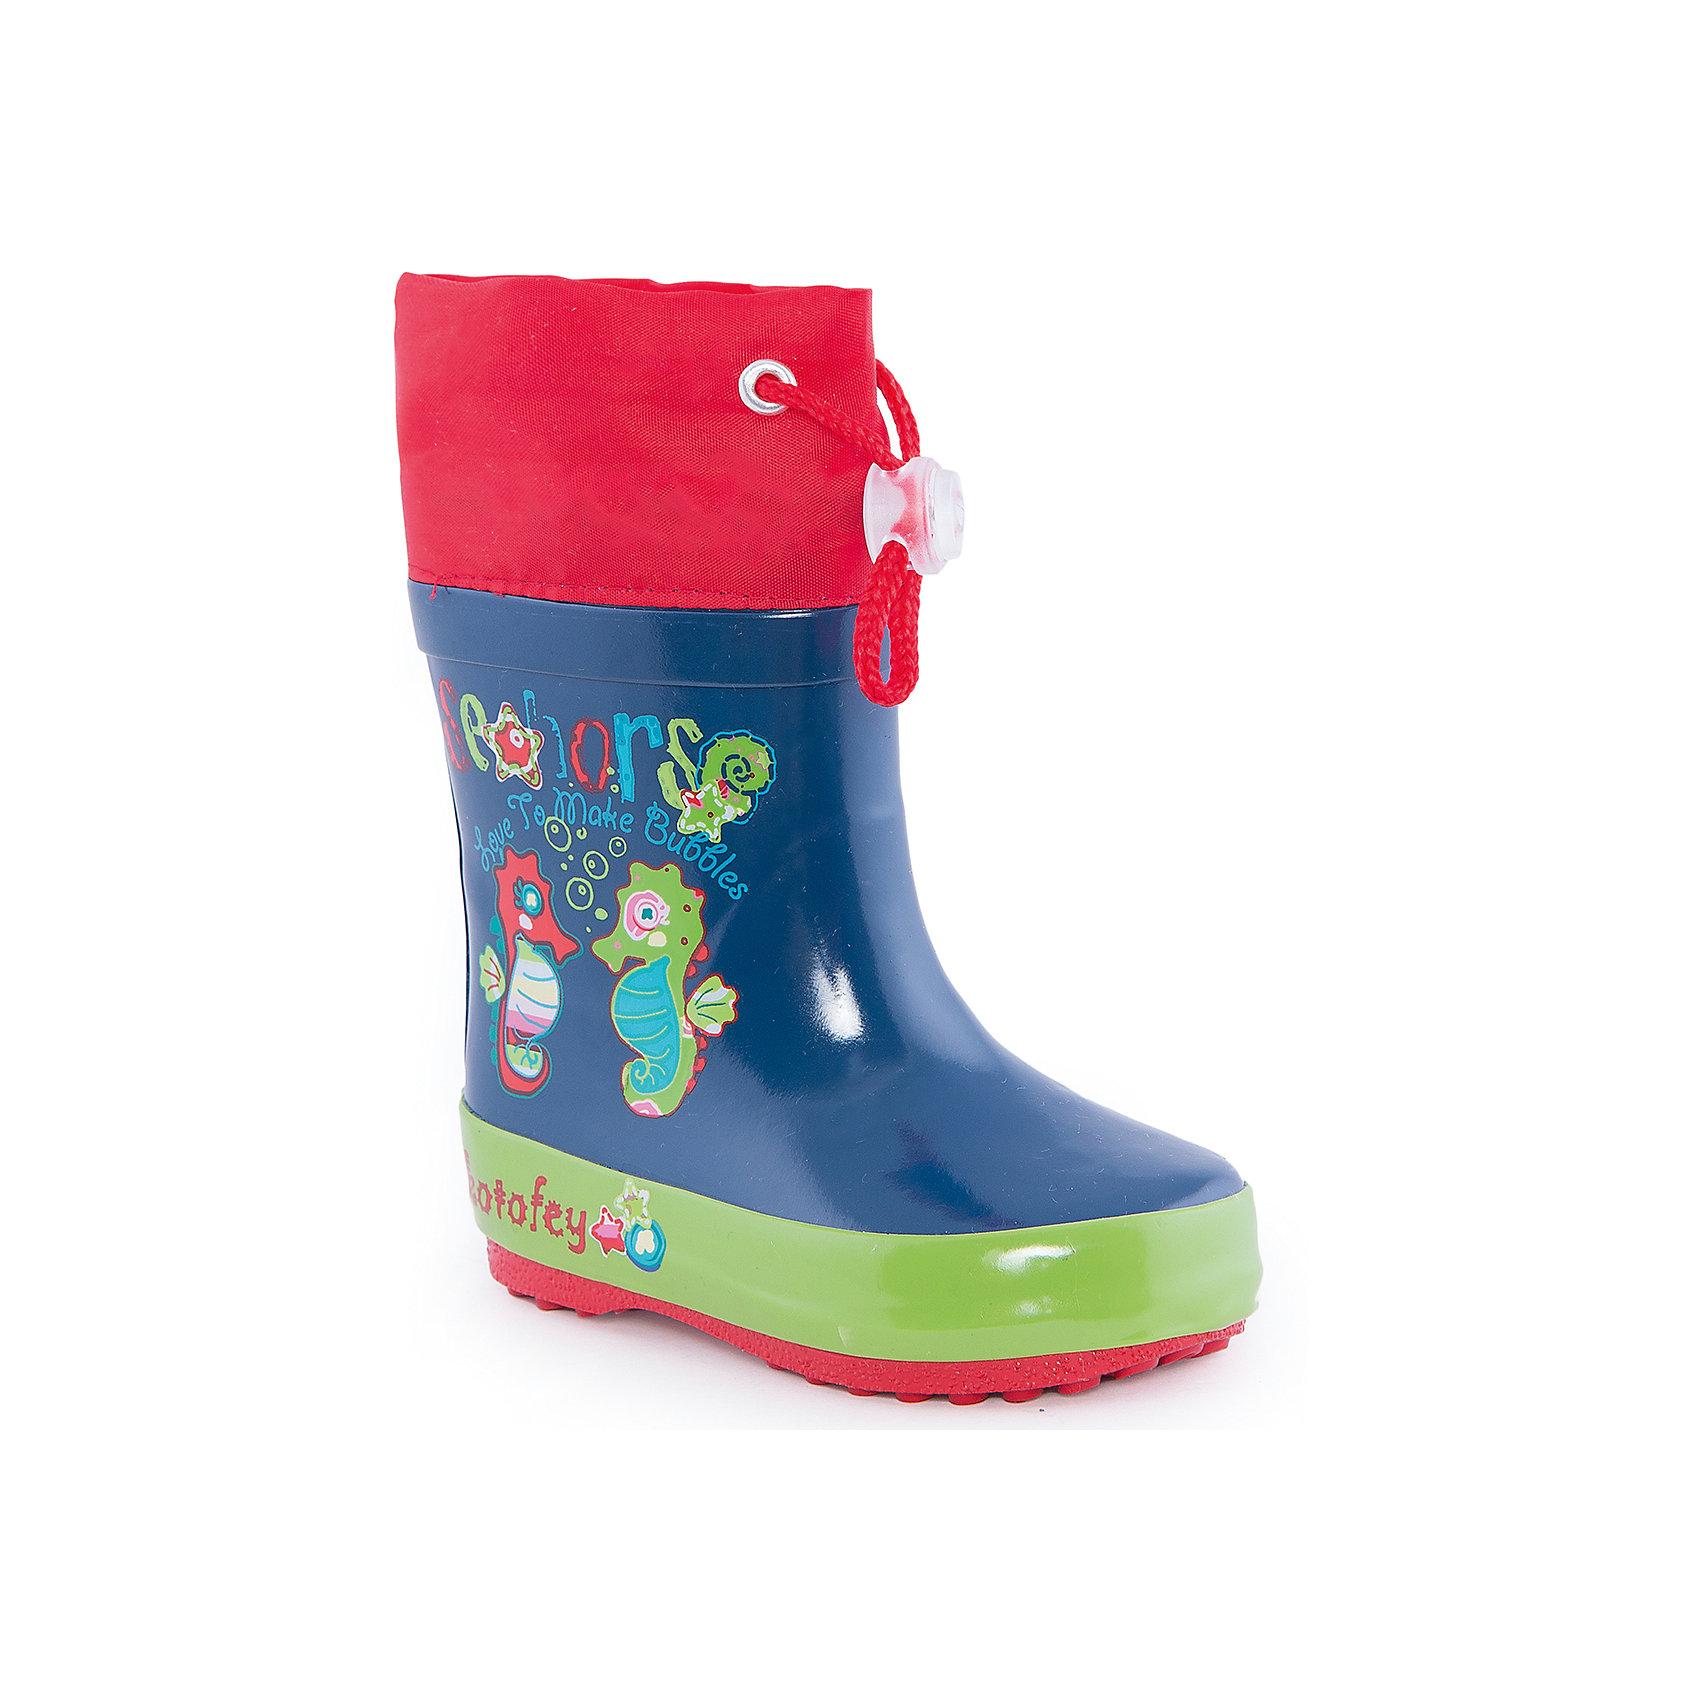 Резиновые сапожки для мальчика КотофейРезиновые сапоги<br>Сапожки для мальчика от известного российского бренда Котофей <br><br>Яркие модные сапоги сделаны из качественной резины. Они позволят защитить ноги ребенка от сырости.<br>Высокое голенище с утяжкой защитит одежду от грязи и влаги.<br><br>Отличительные особенности модели:<br><br>- цвет: синий;<br>- удобная колодка;<br>- утяжка со стоппером на голенище;<br>- качественные материалы;<br>- толстая устойчивая подошва;<br>- текстильная подкладка;<br>- декорированы принтом и яркими деталями.<br><br>Дополнительная информация:<br><br>Температурный режим: от +5° С до +25° С.<br><br>Состав:<br>верх - резина;<br>подкладка - текстиль;<br>подошва - резина.<br><br>Сапожки для мальчика Котофей можно купить в нашем магазине.<br><br>Ширина мм: 257<br>Глубина мм: 180<br>Высота мм: 130<br>Вес г: 420<br>Цвет: синий<br>Возраст от месяцев: 15<br>Возраст до месяцев: 18<br>Пол: Мужской<br>Возраст: Детский<br>Размер: 22,23,20,21<br>SKU: 4565818